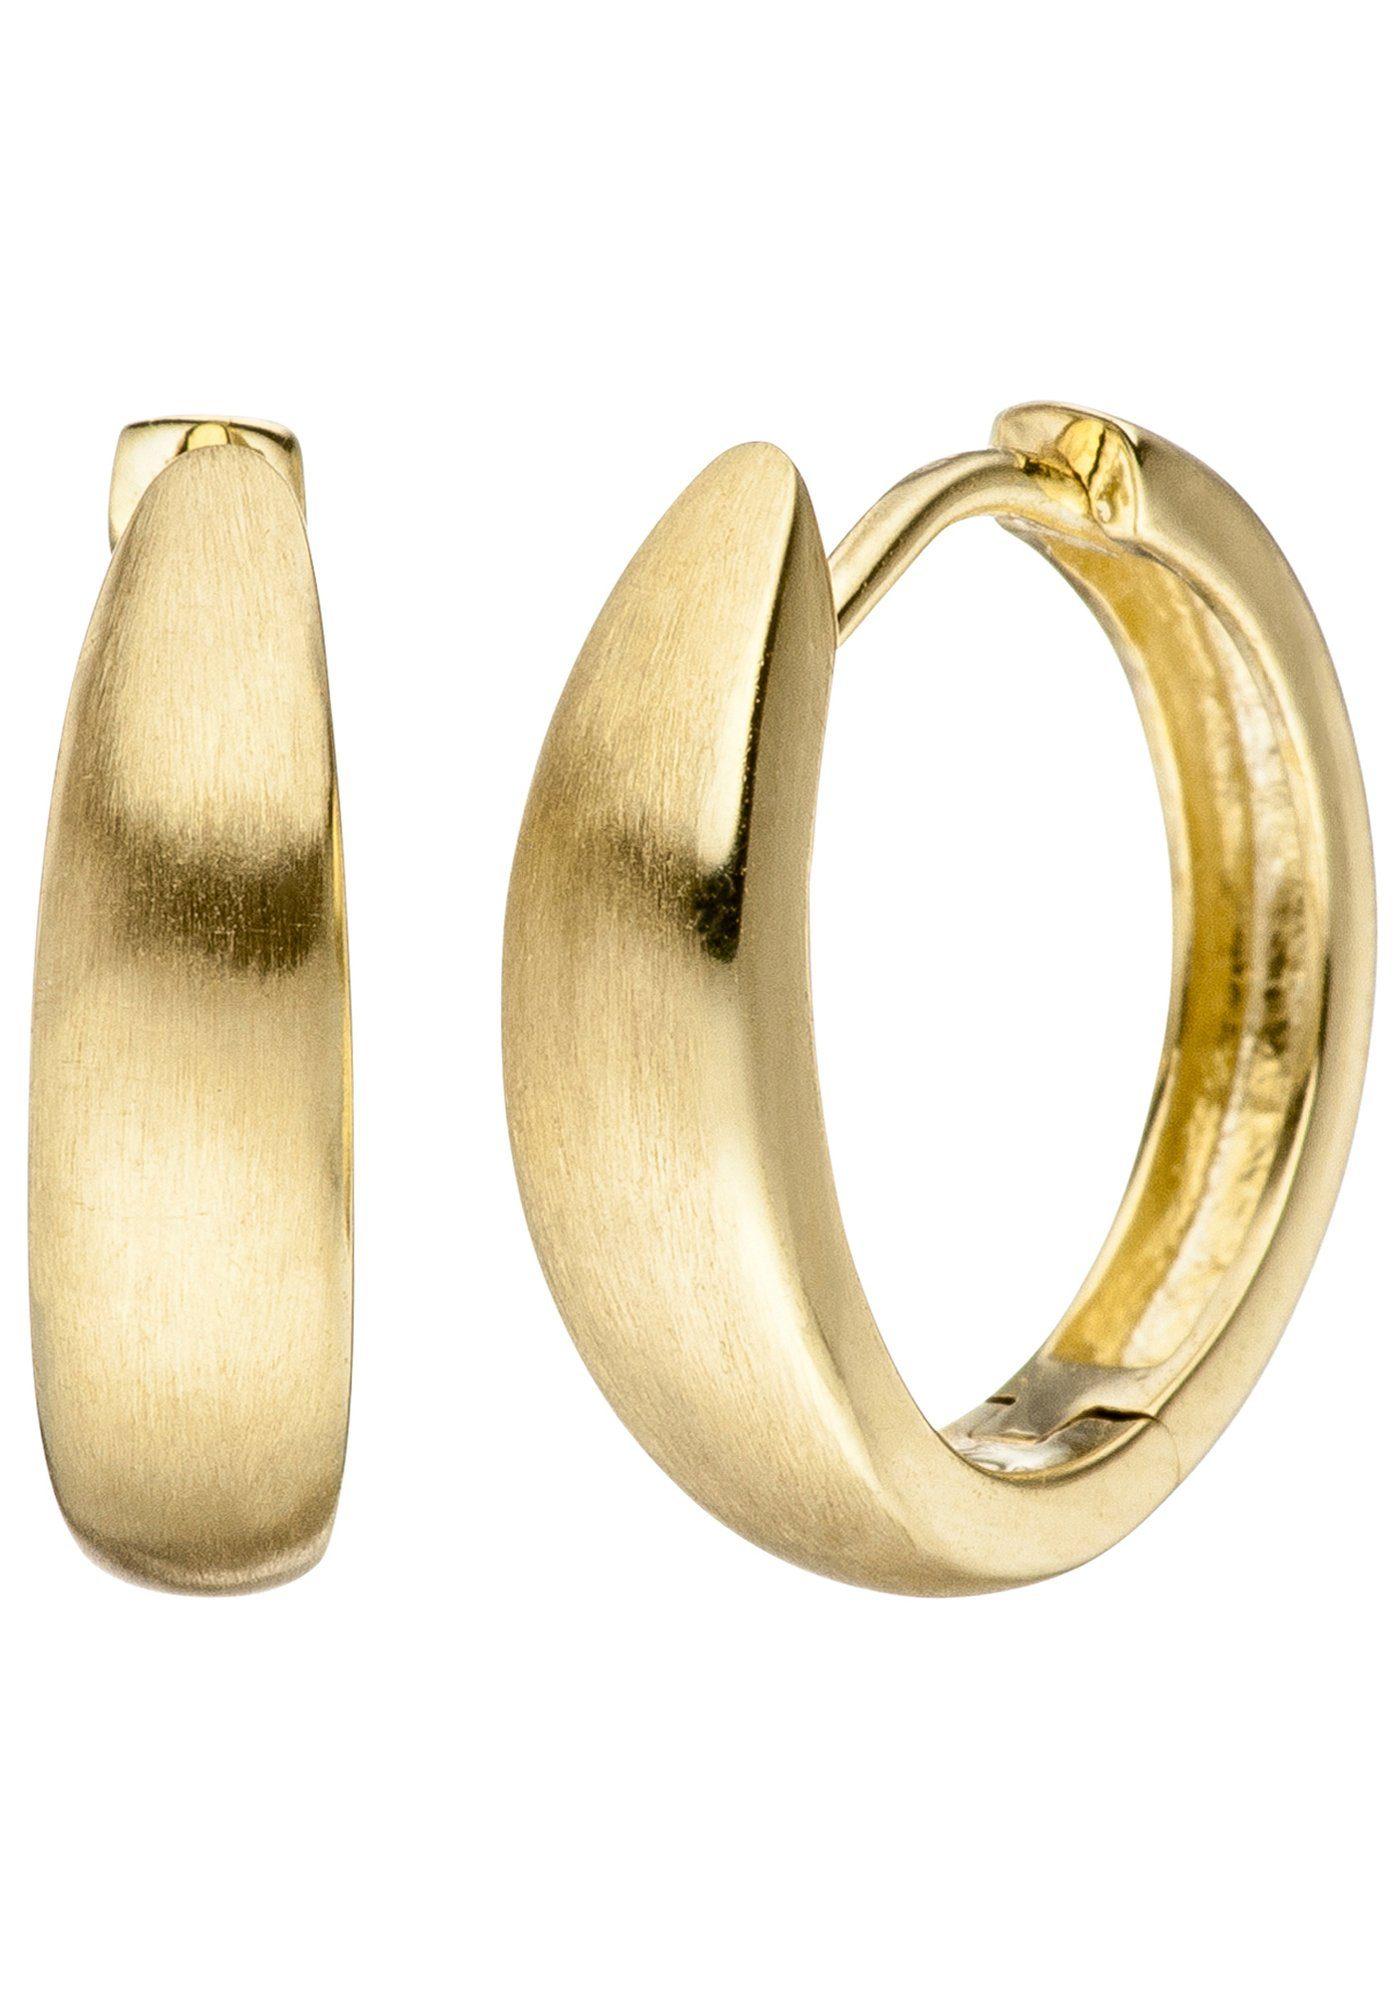 JOBO Paar Creolen 333 Gold